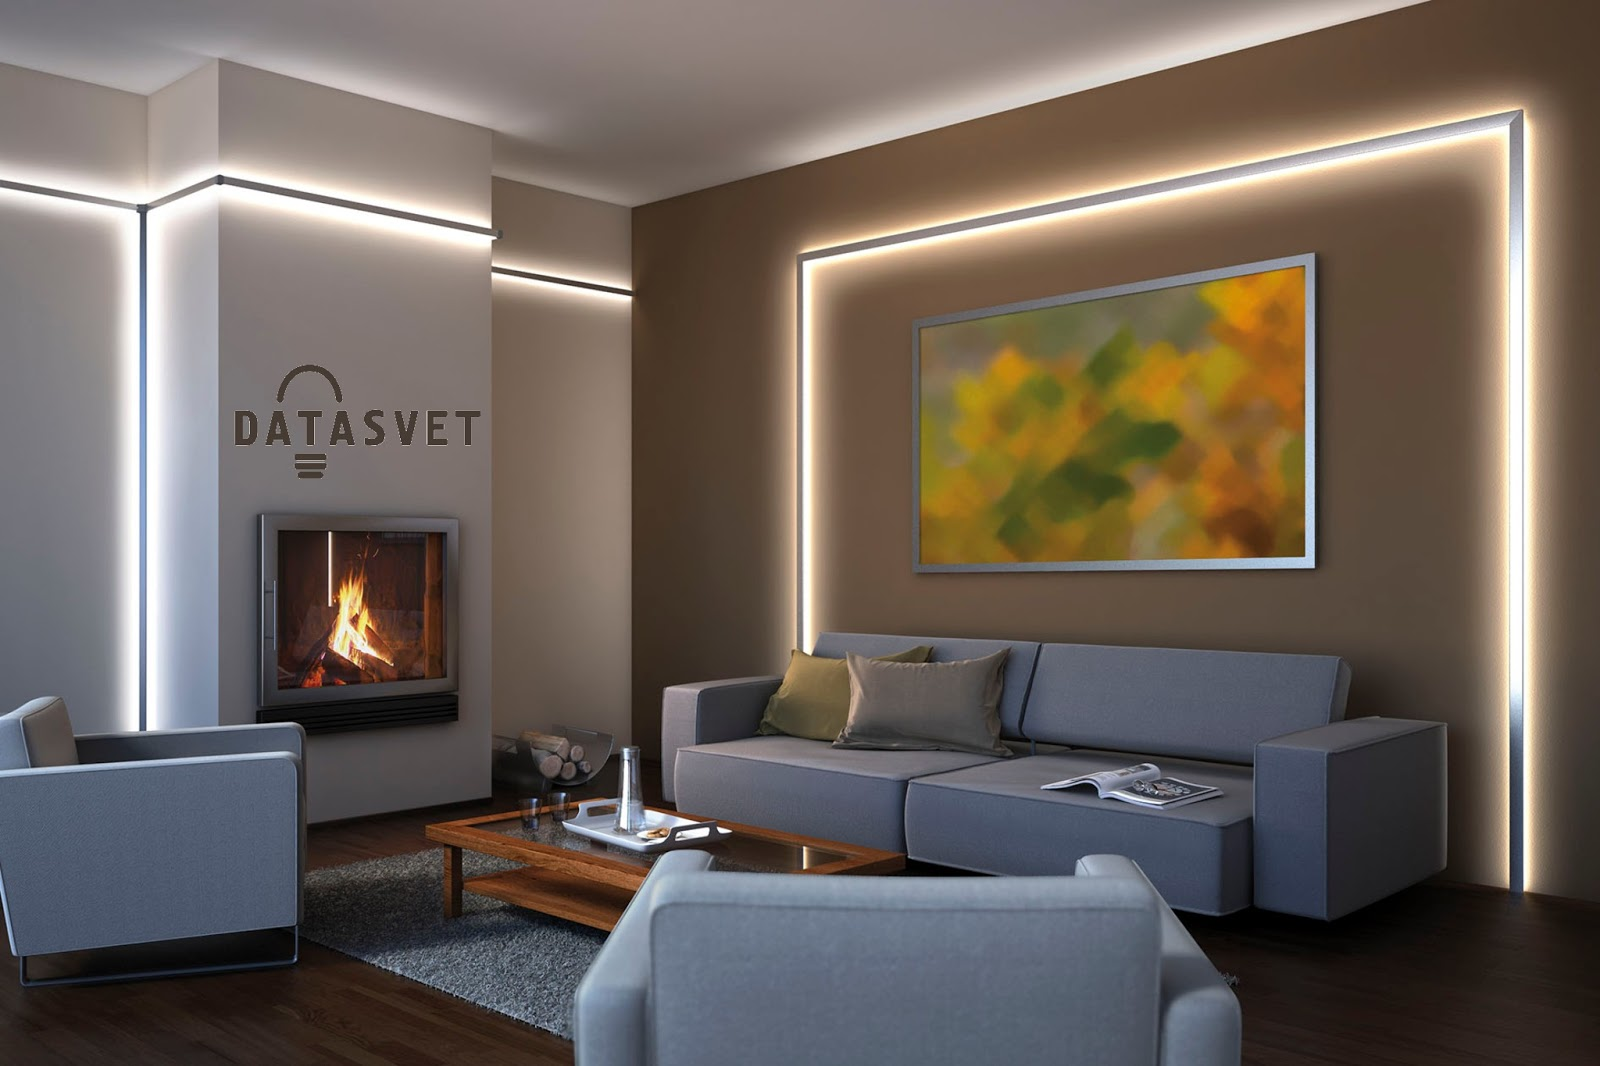 Гипсокартонный потолок с подсветкой Decor 4 House 228